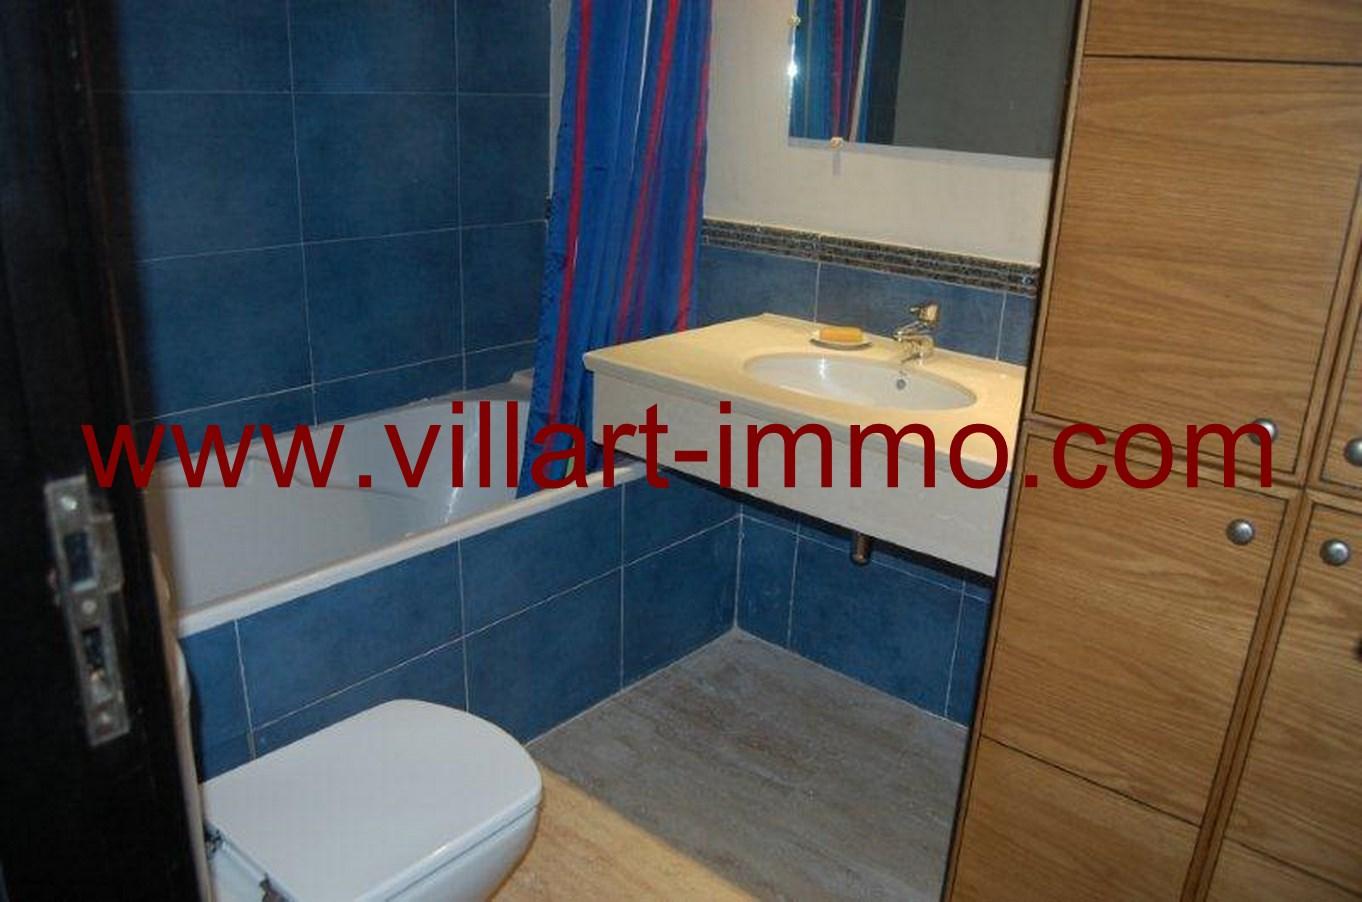 8-Location-Appartement-meublé-Tanger-salle de bain -L678-Villart-immo